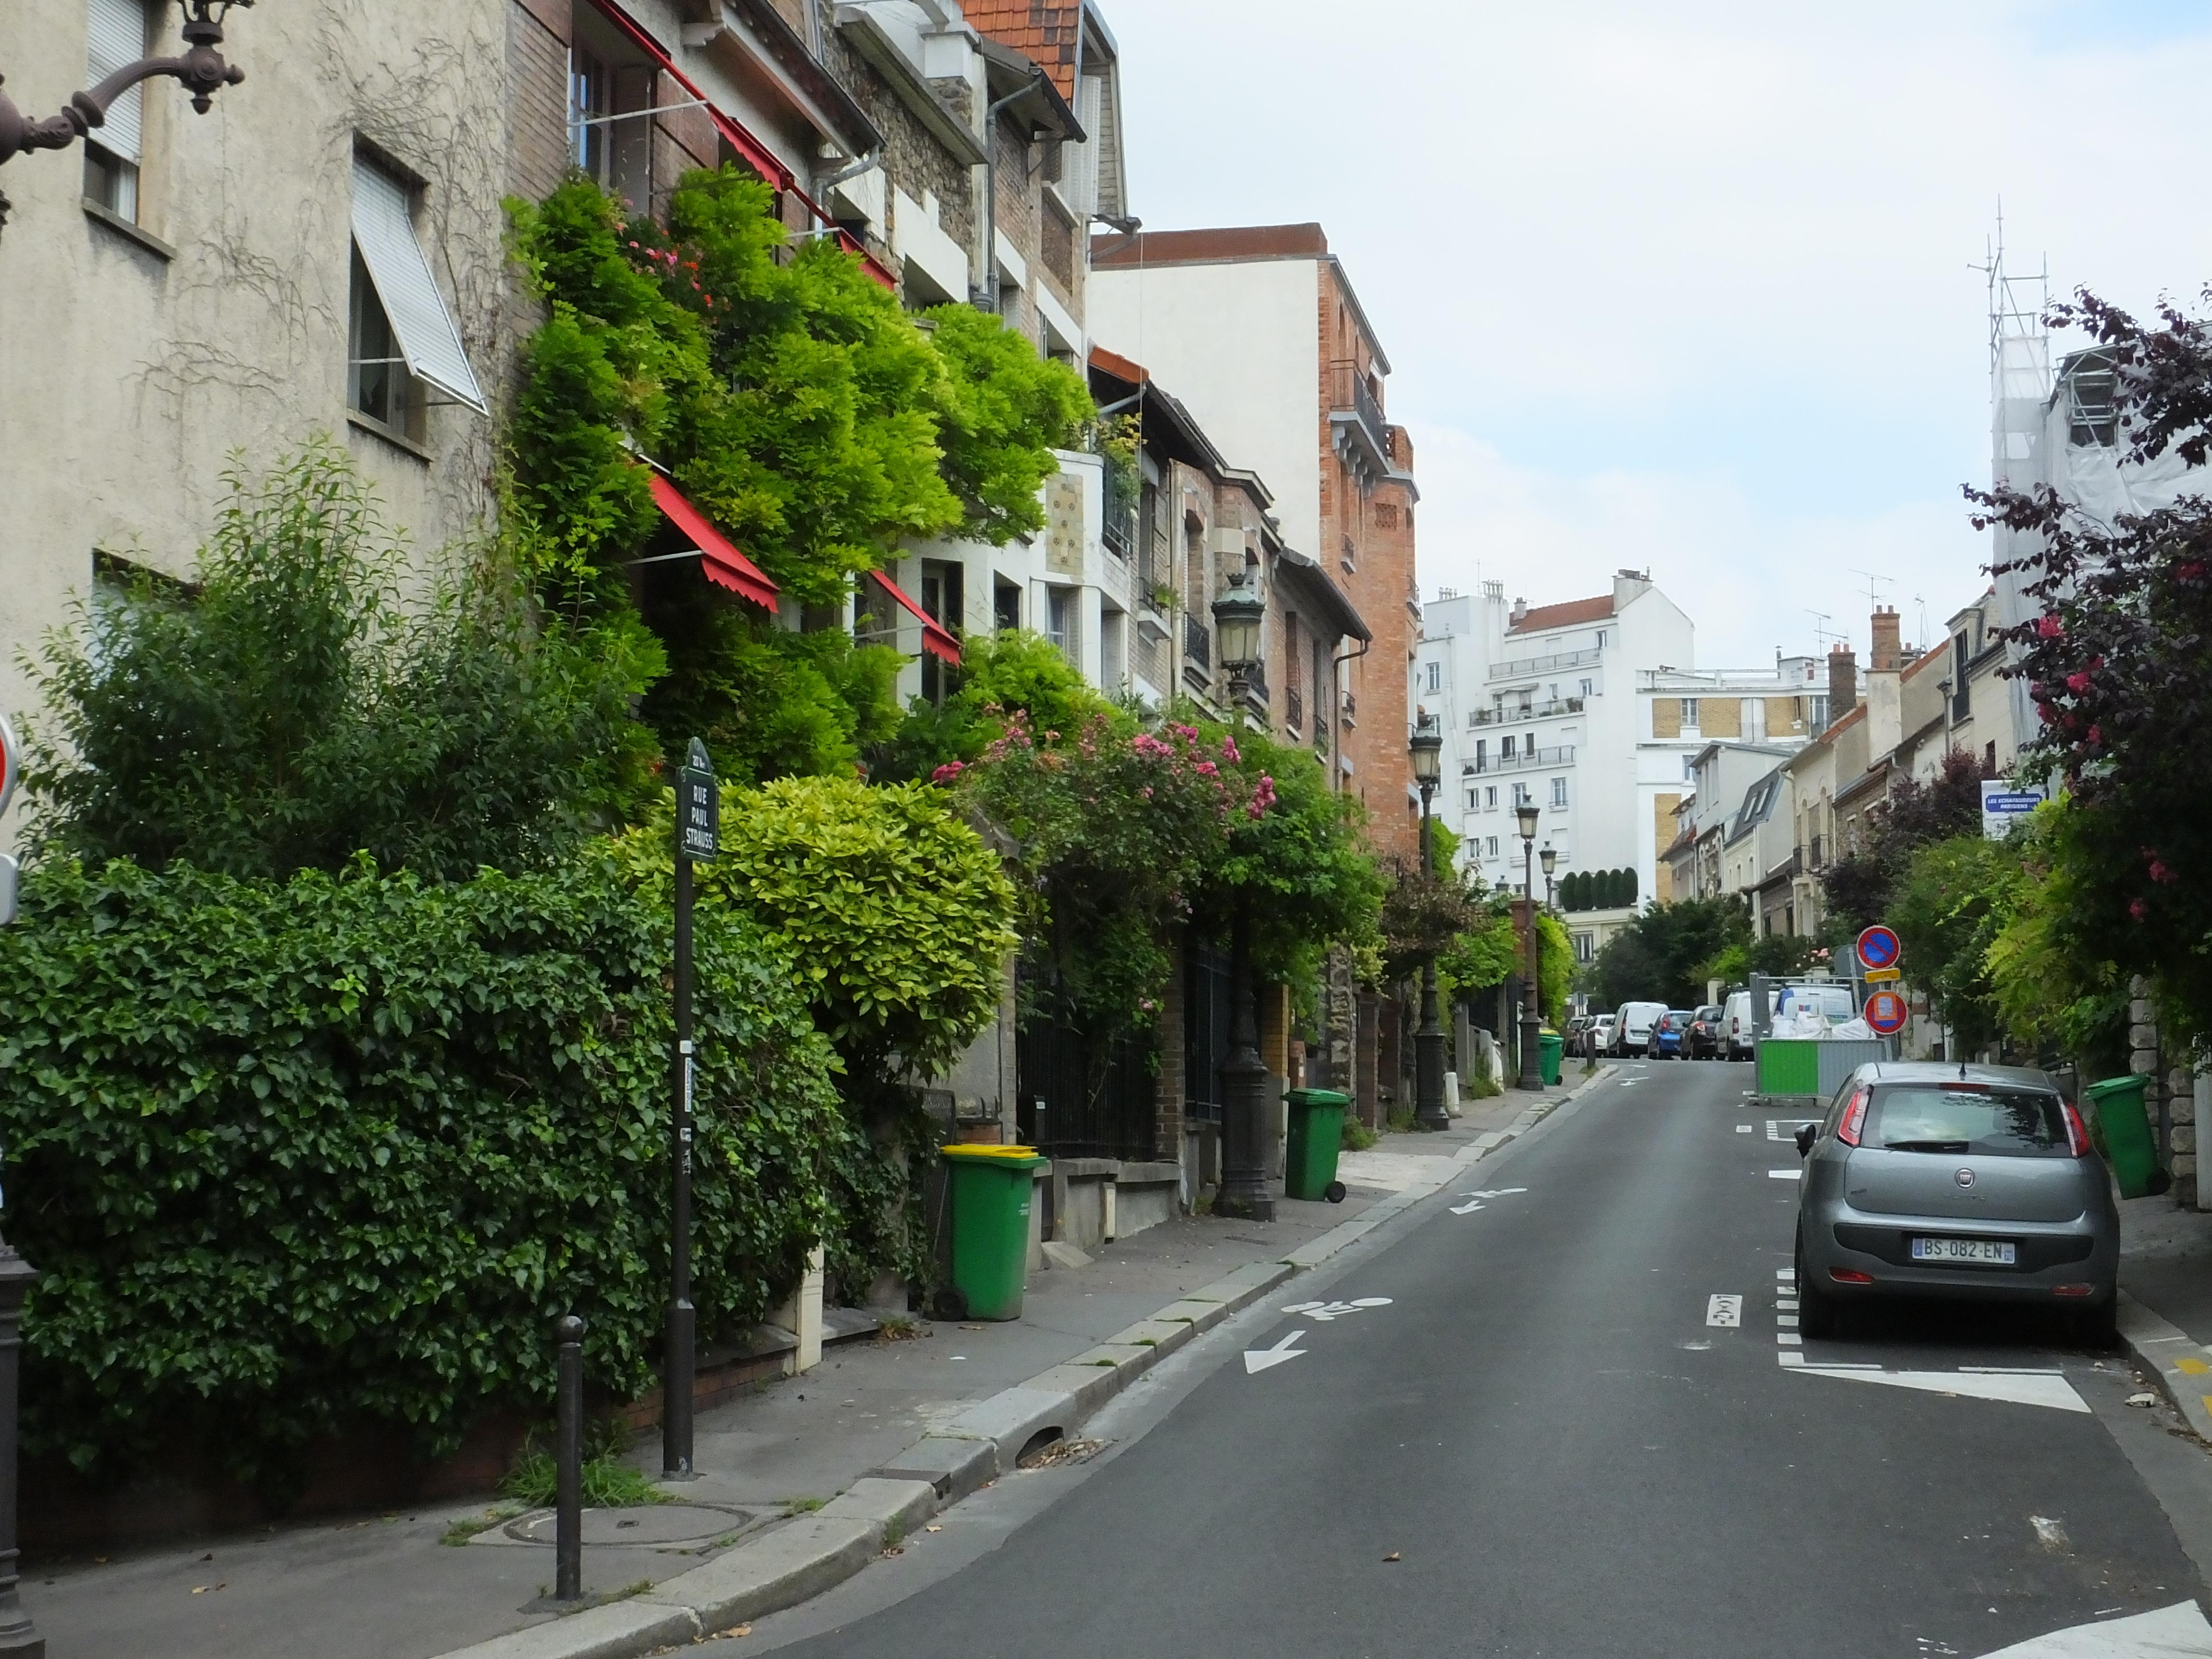 La campagne paris the country in paris linda spalla - La campagne a paris ...